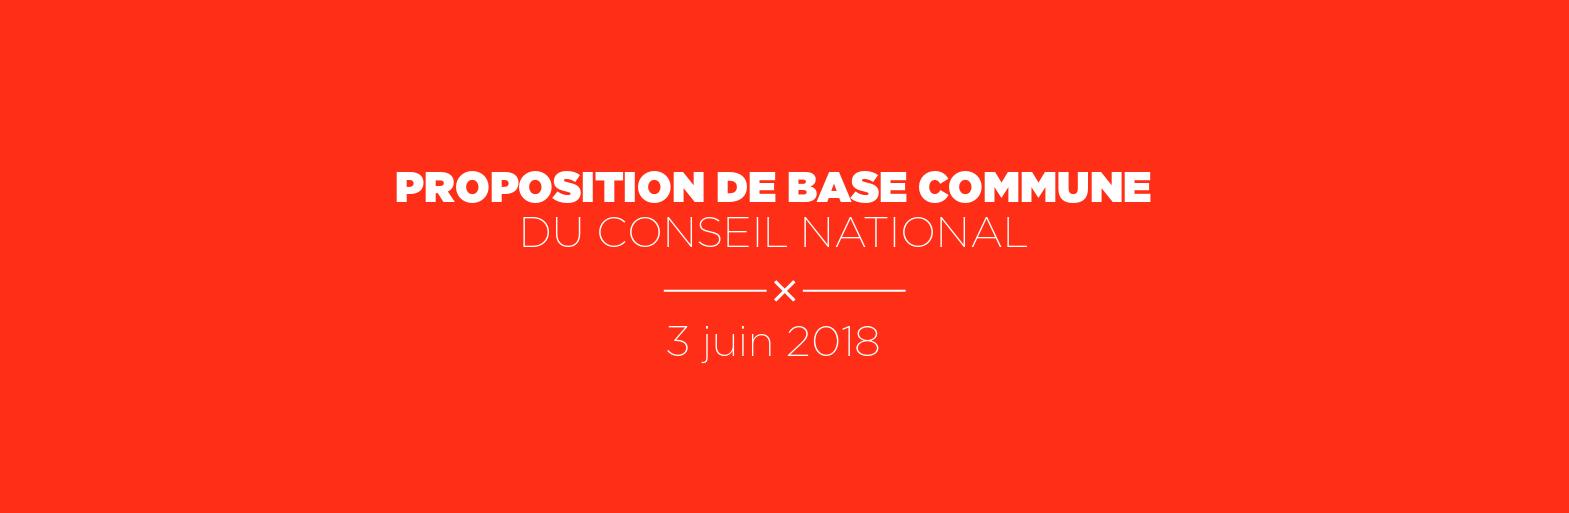 PCF Proposition de base commune du conseil national